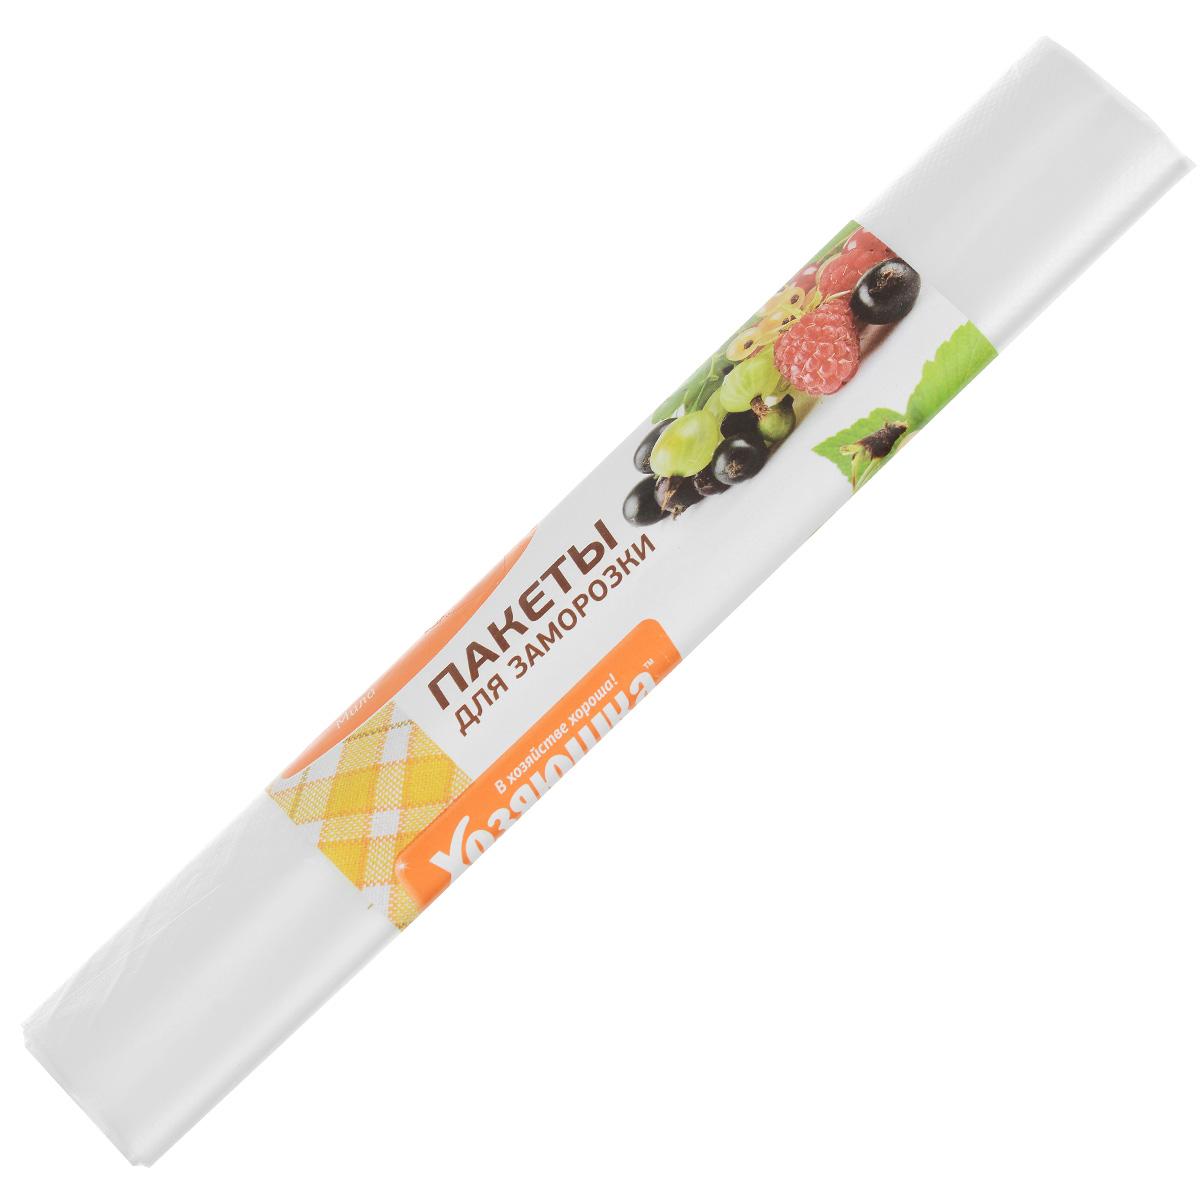 Пакет для хранения и замораживания продуктов Хозяюшка Мила, 3 лVT-1520(SR)Пакет для хранения и замораживания продуктов Хозяюшка Мила изготовлен из пищевого полиэтилена. В таком пакете удобно хранить любые пищевые продукты. Также подходит для заморозки.